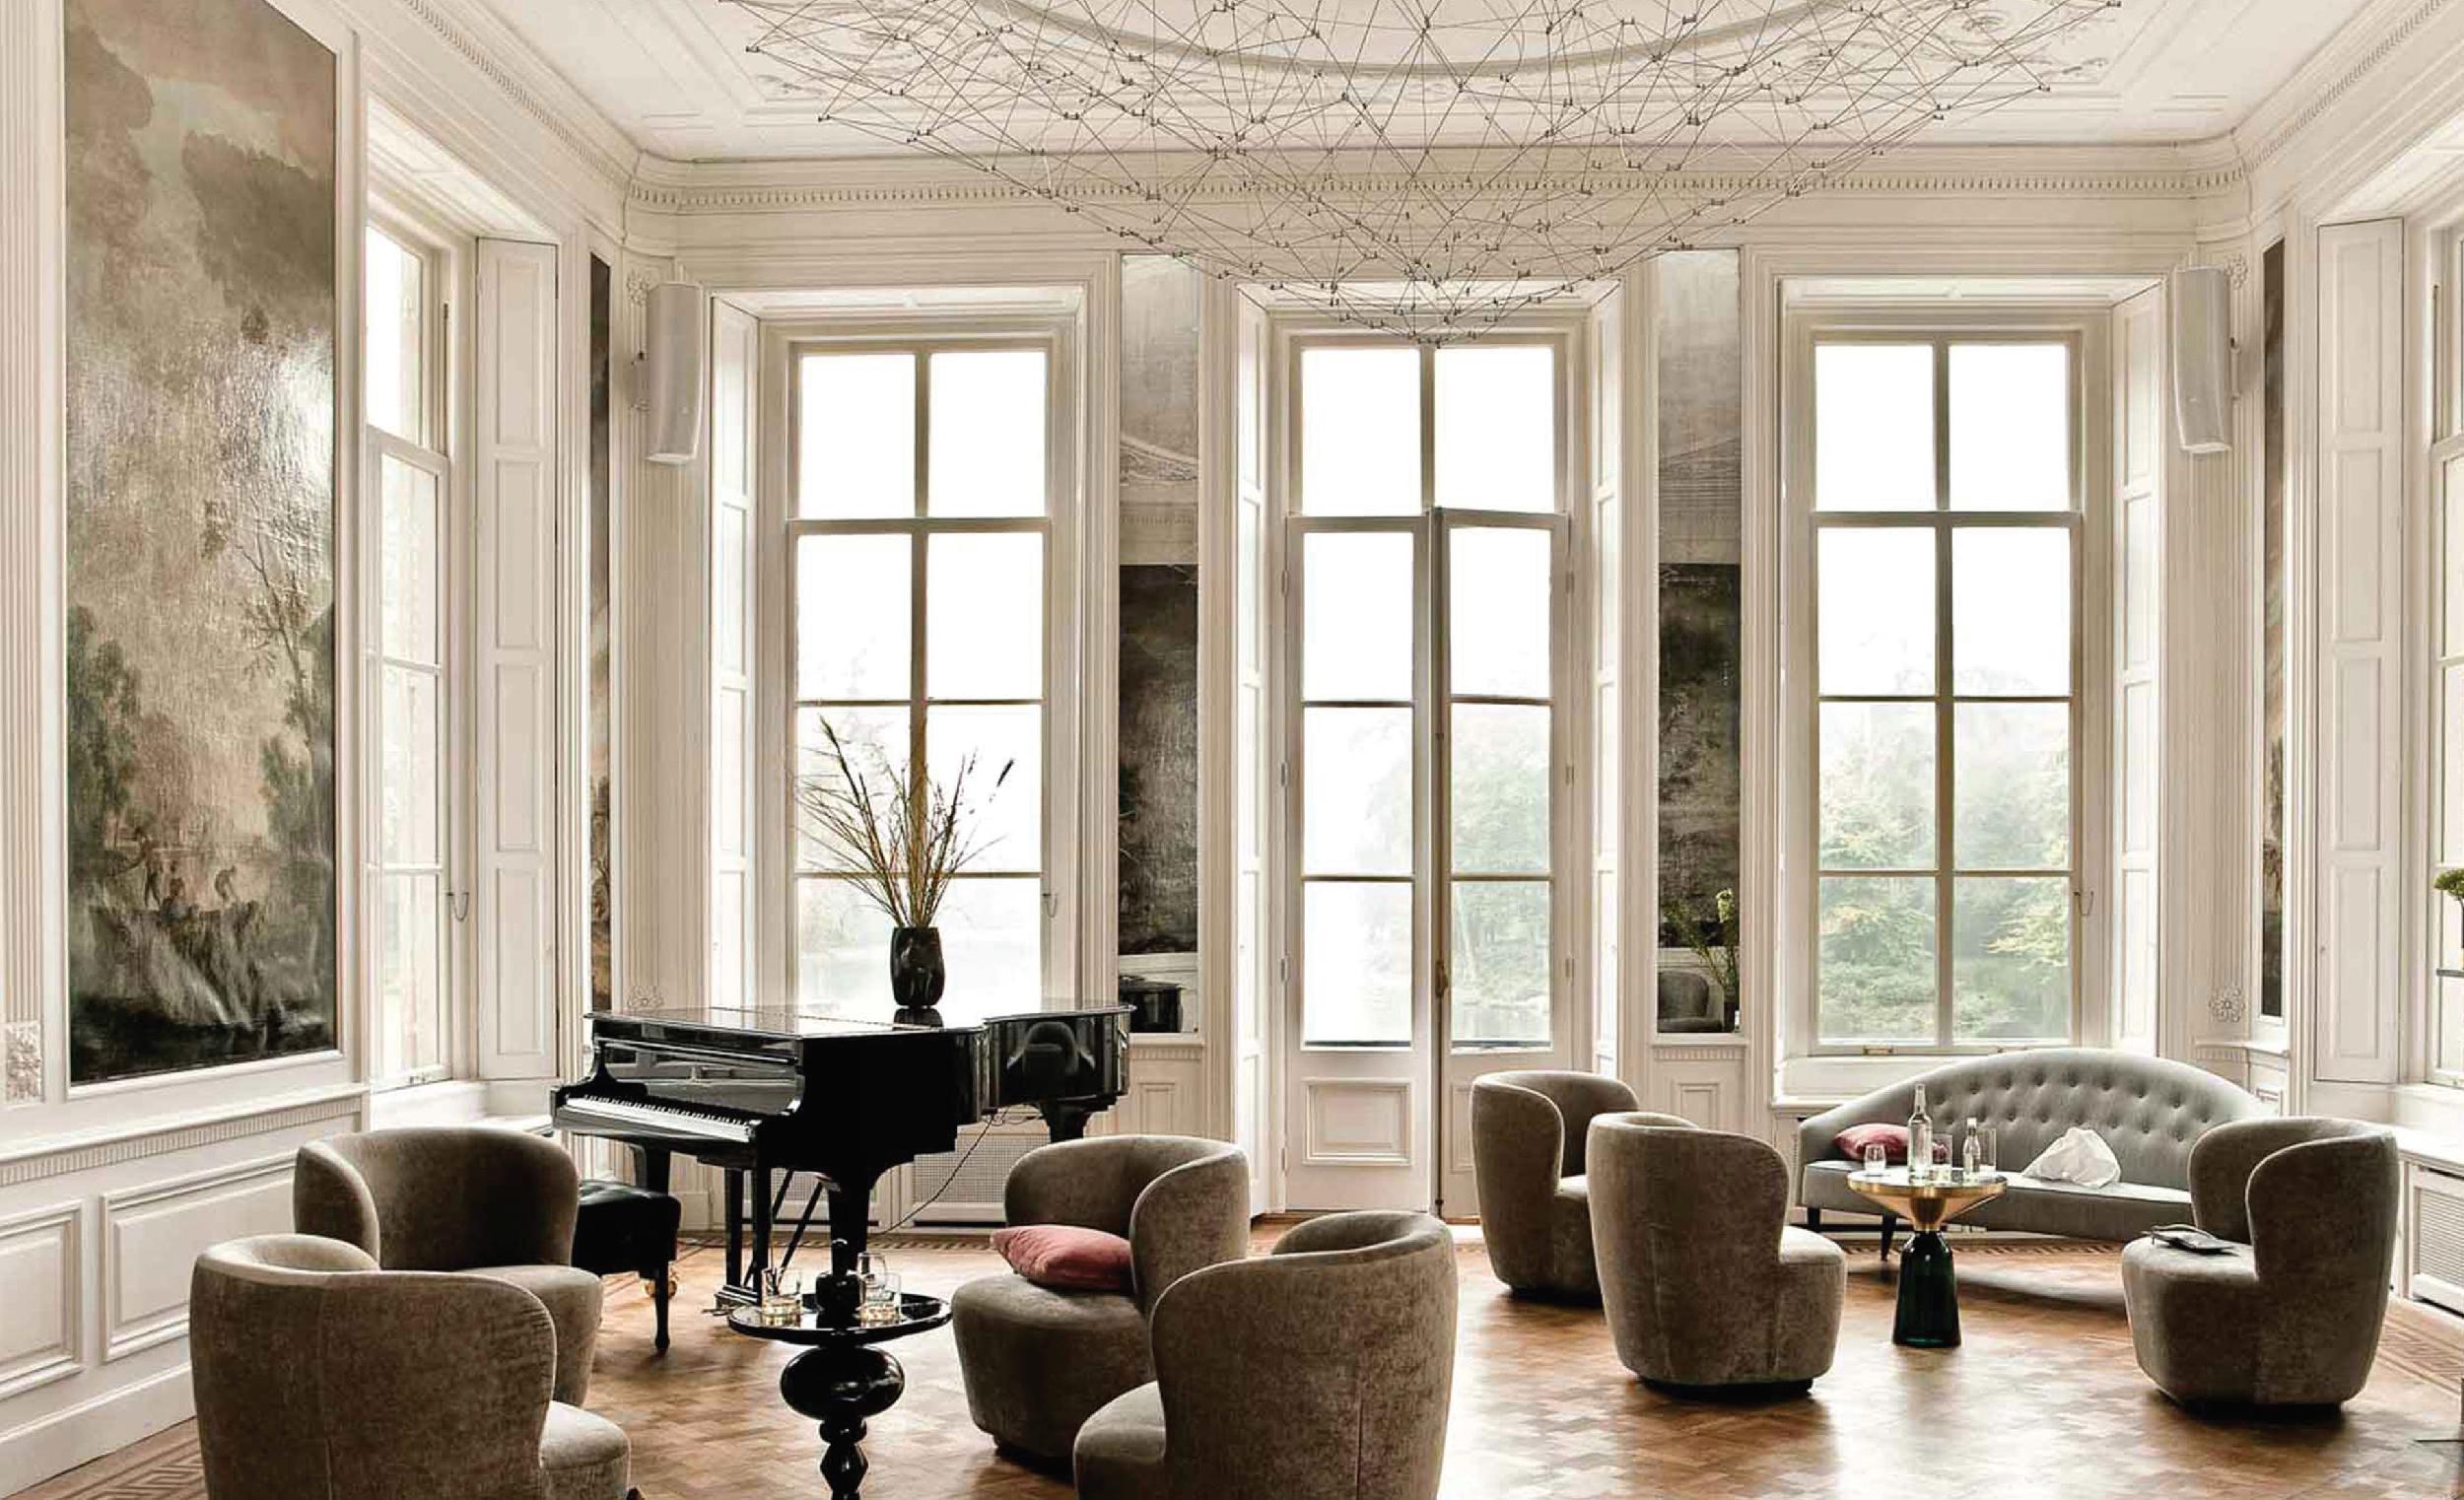 Salono salėje pūpsantis fortepijonas byloja apie čia vykstančius nuostabių muzikos garsų pripildytus jaukius ir elegantiškus vakarus